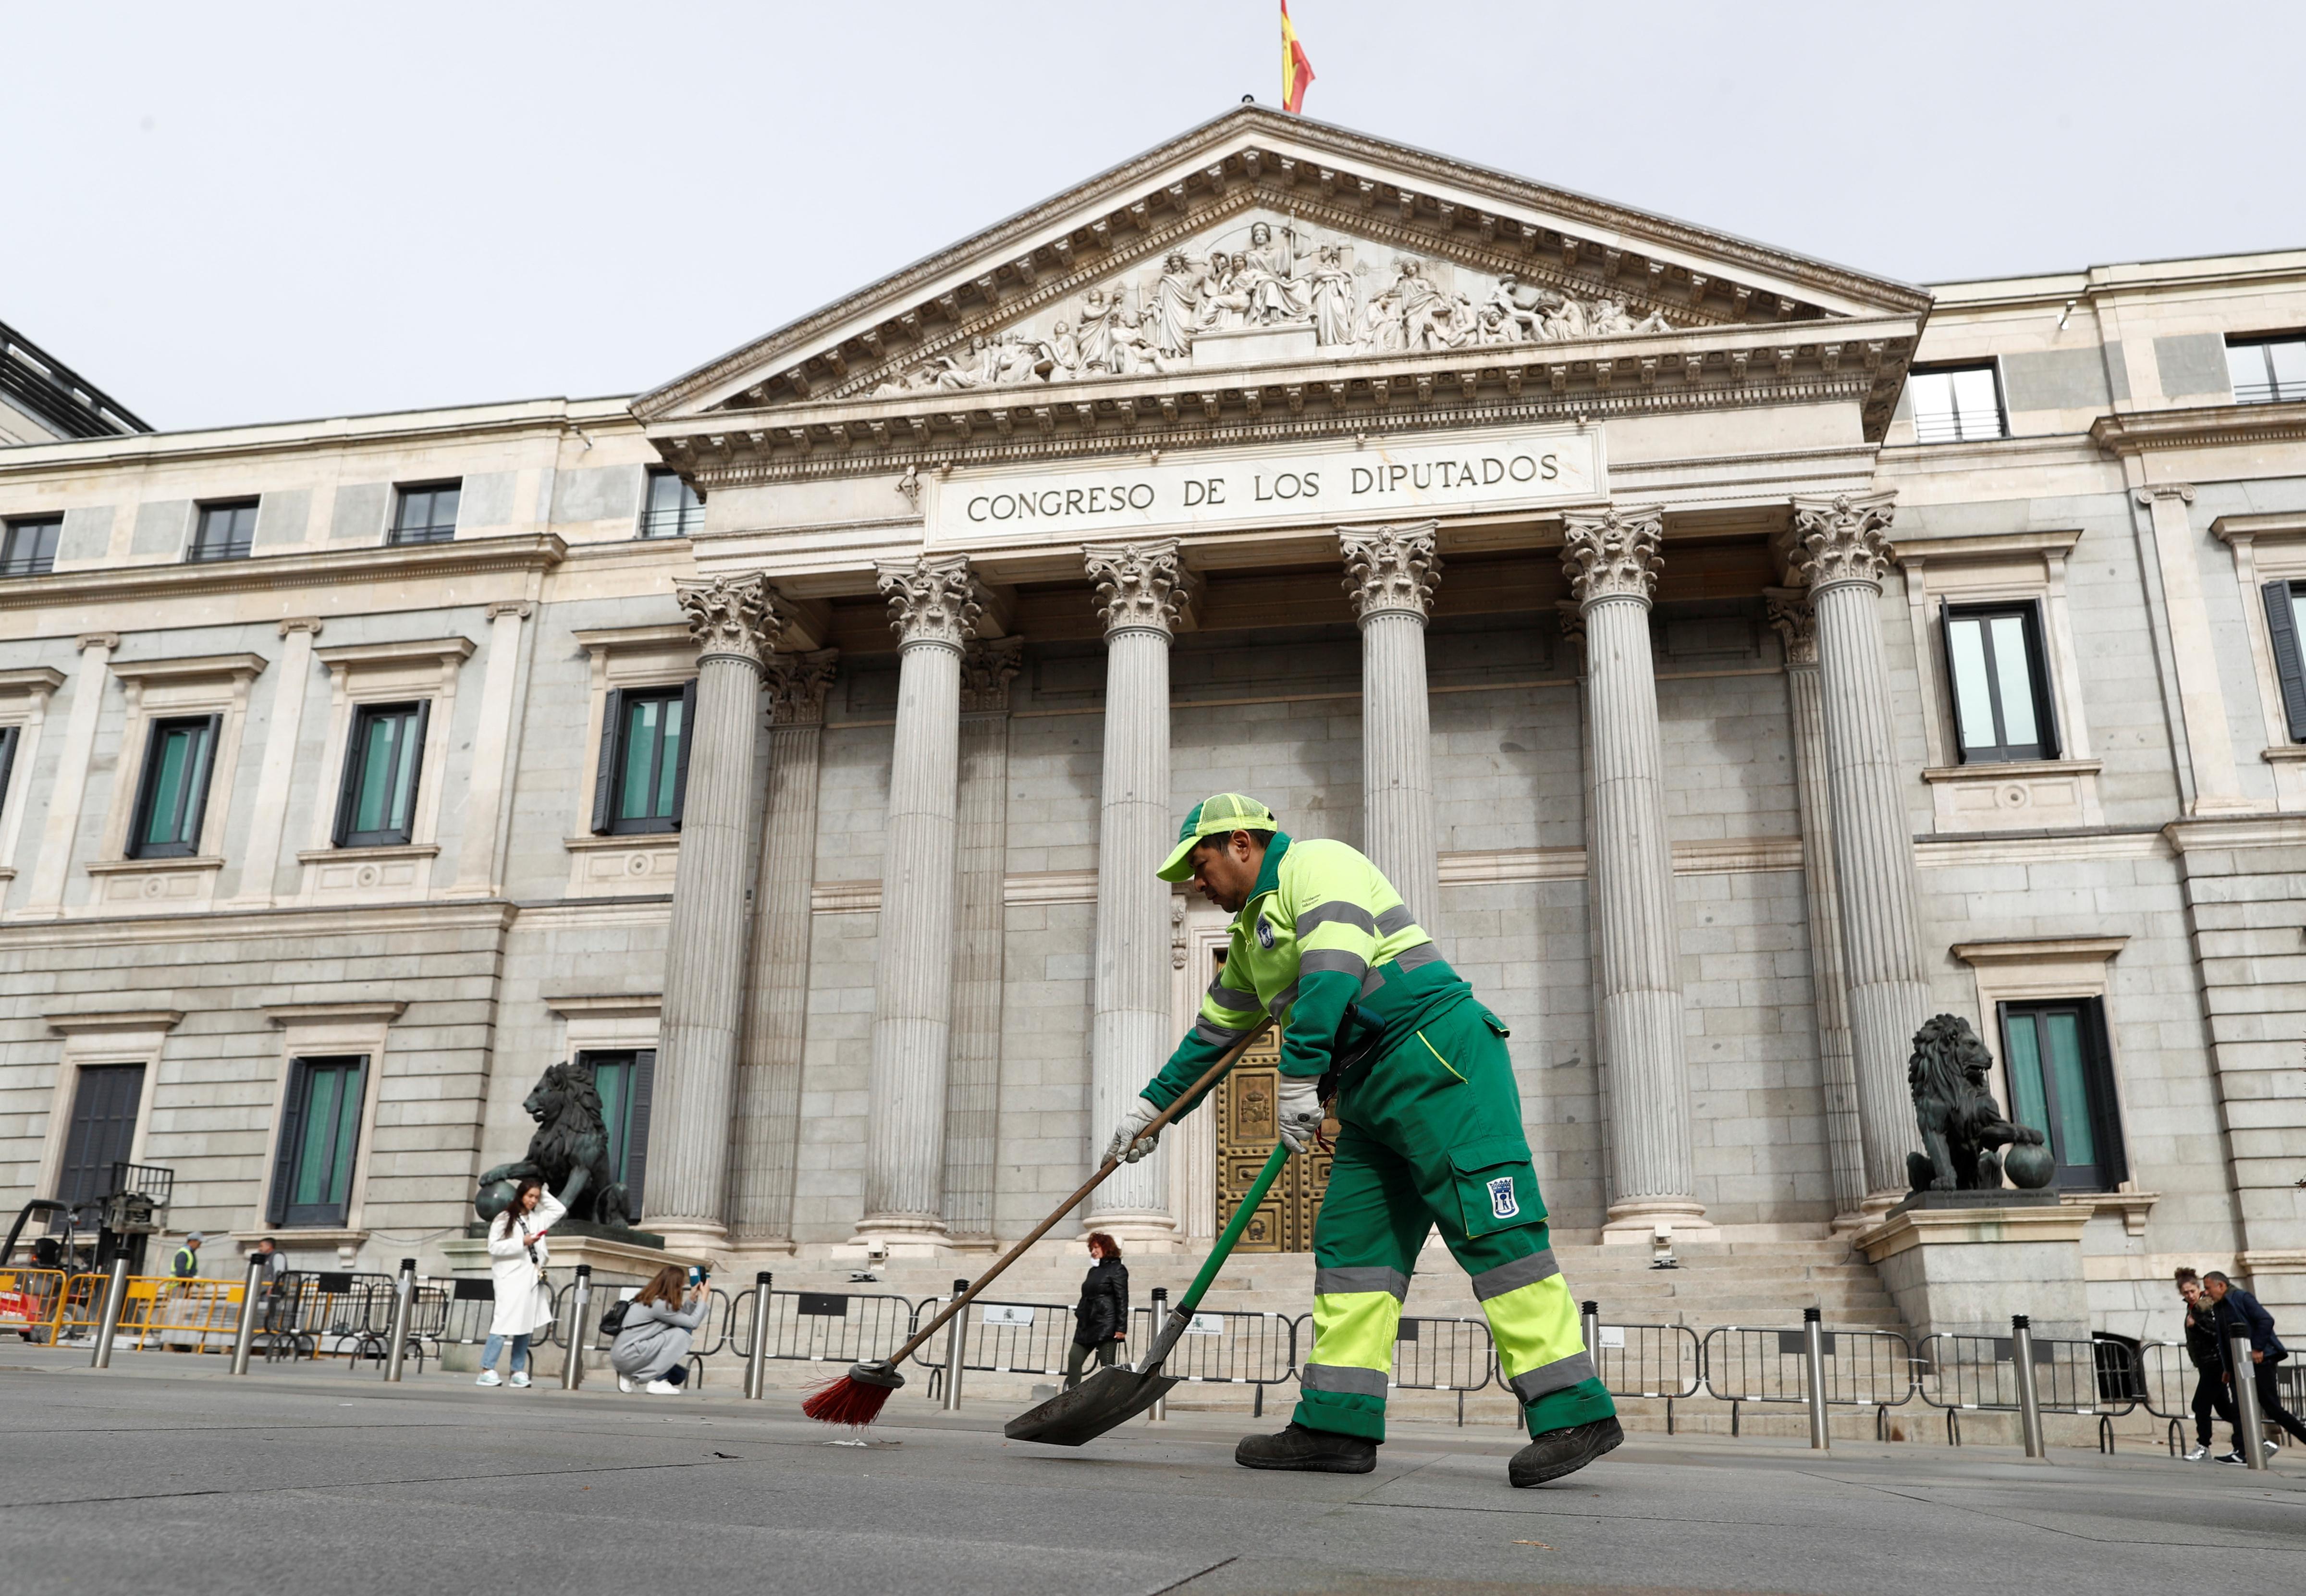 Οργή λαού στην Ισπανία! Δικαστήριο έκρινε νόμιμη απόλυση λόγω αναρρωτικής άδειας